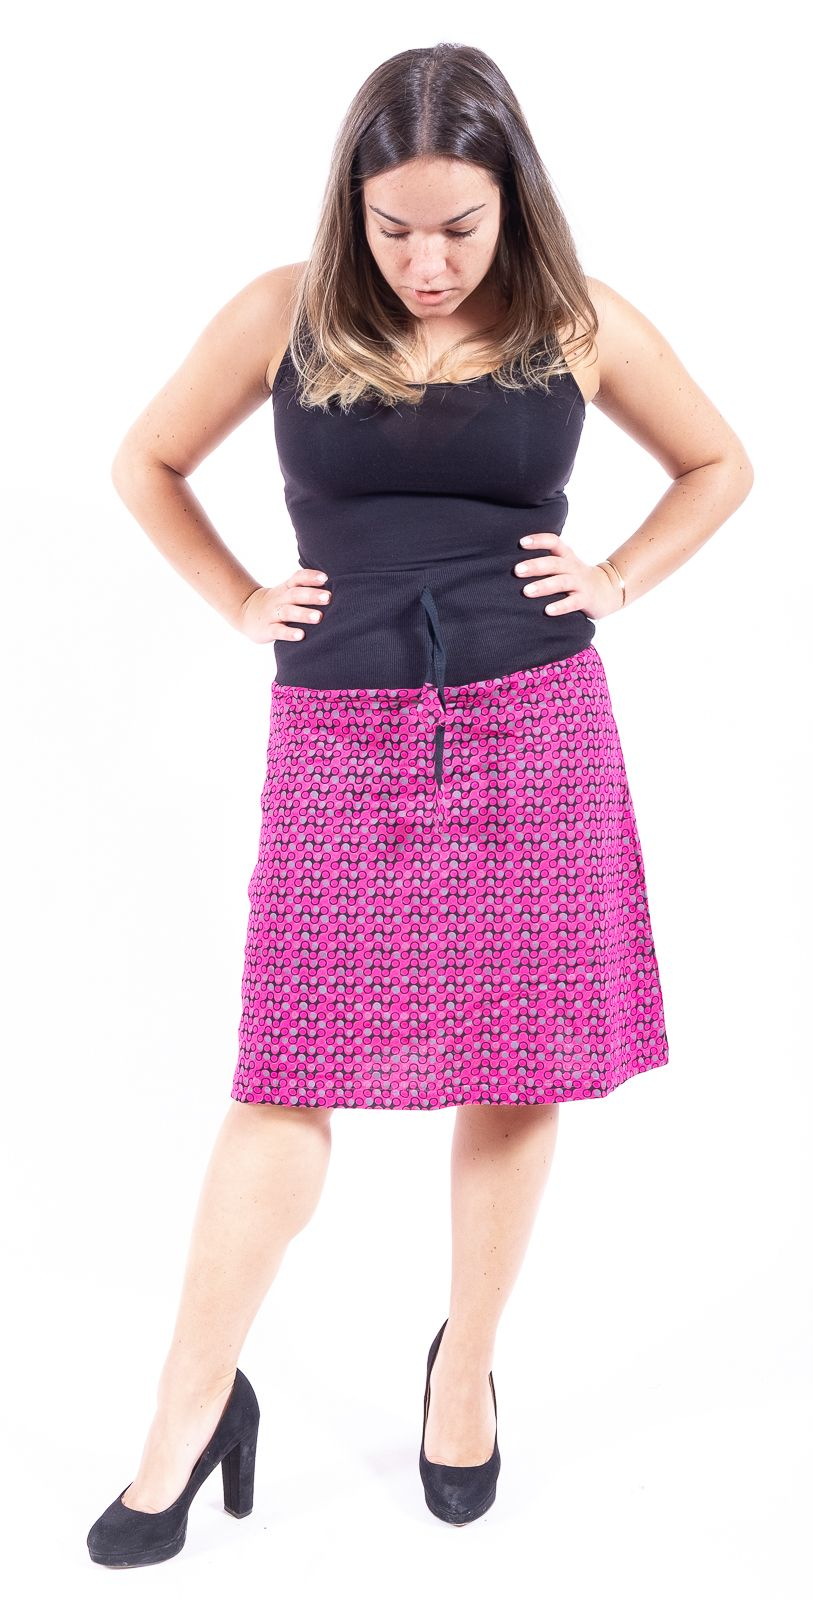 Dámská letní krátká sukně CALIENTE, bavlna Nepál - NT0101-11-007 KENAVI